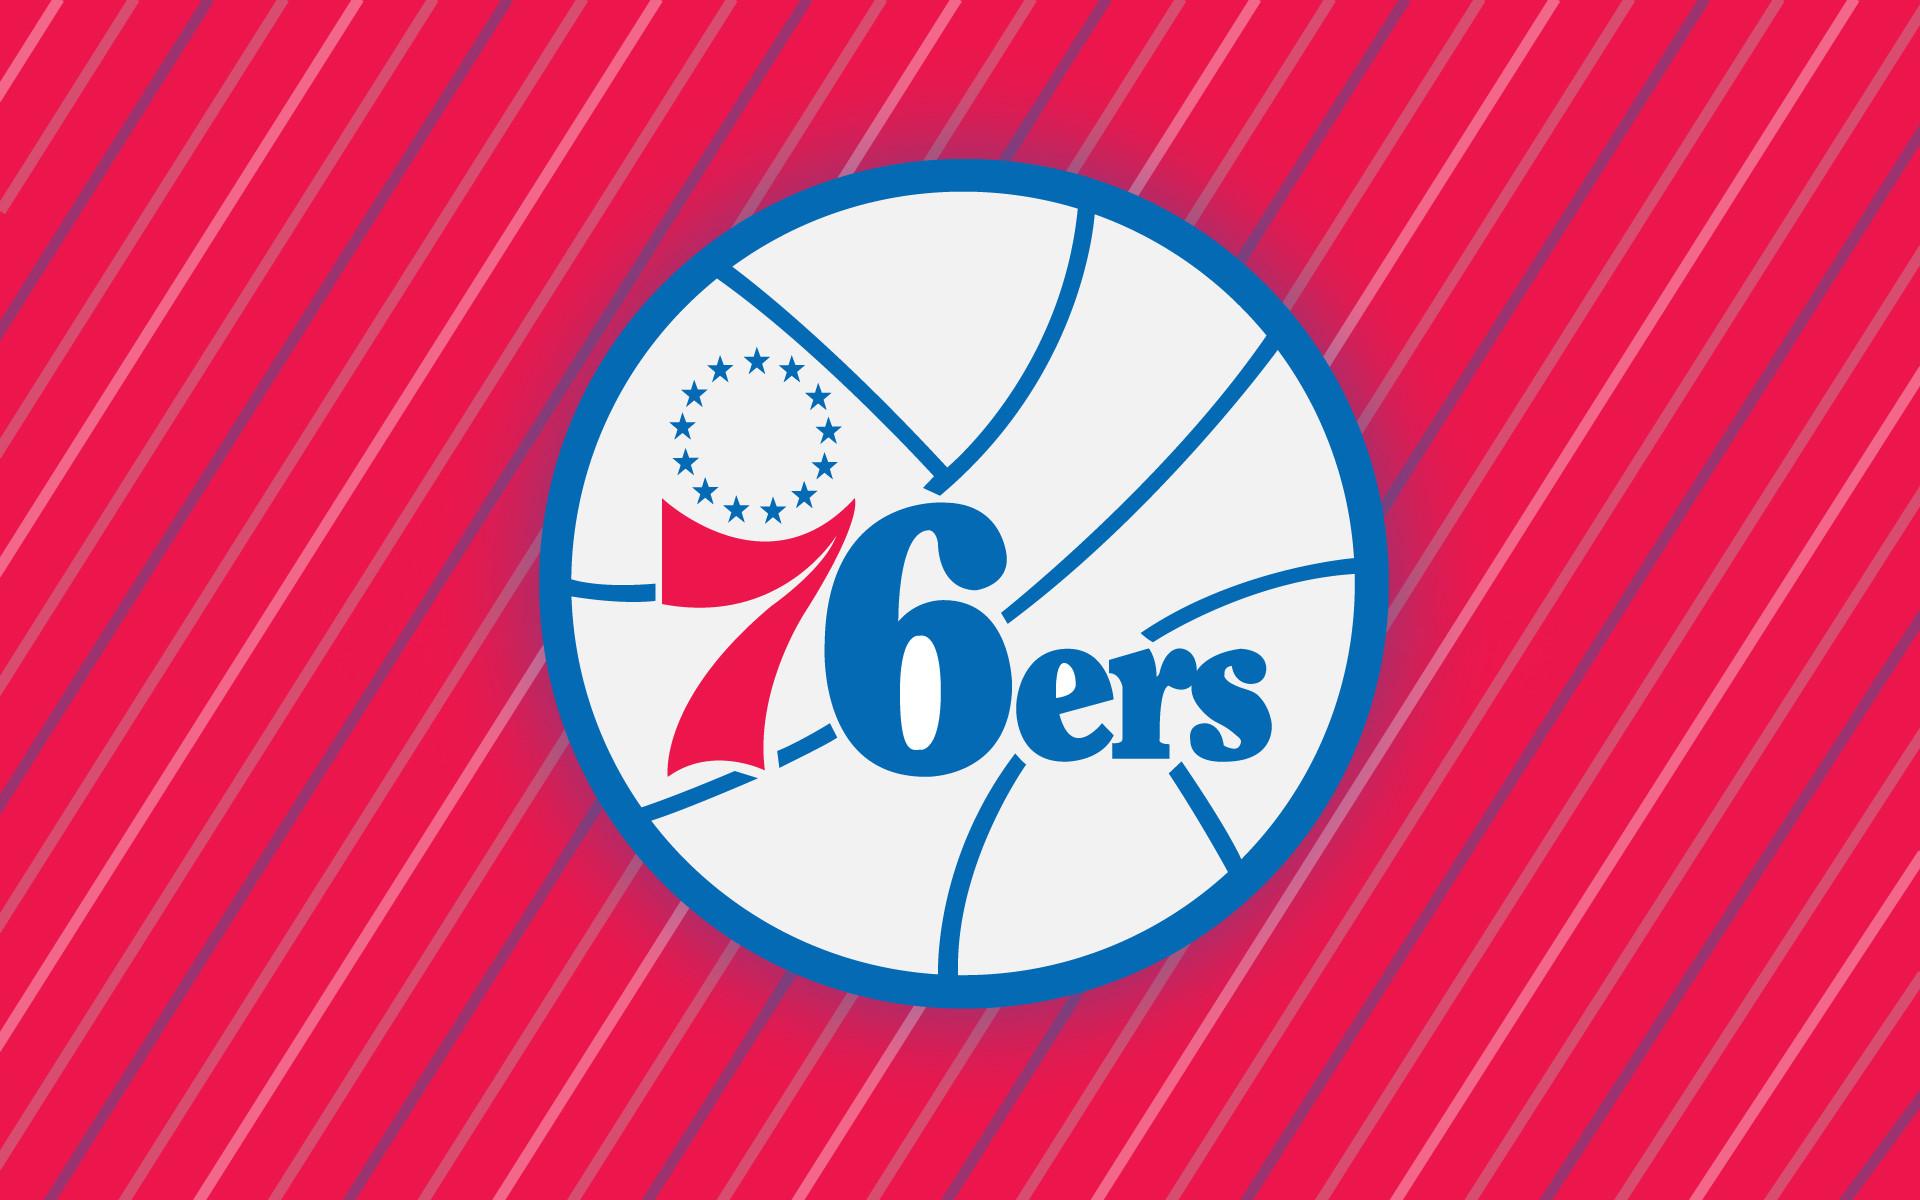 Explore Basketball Association, Team Logo, and more!